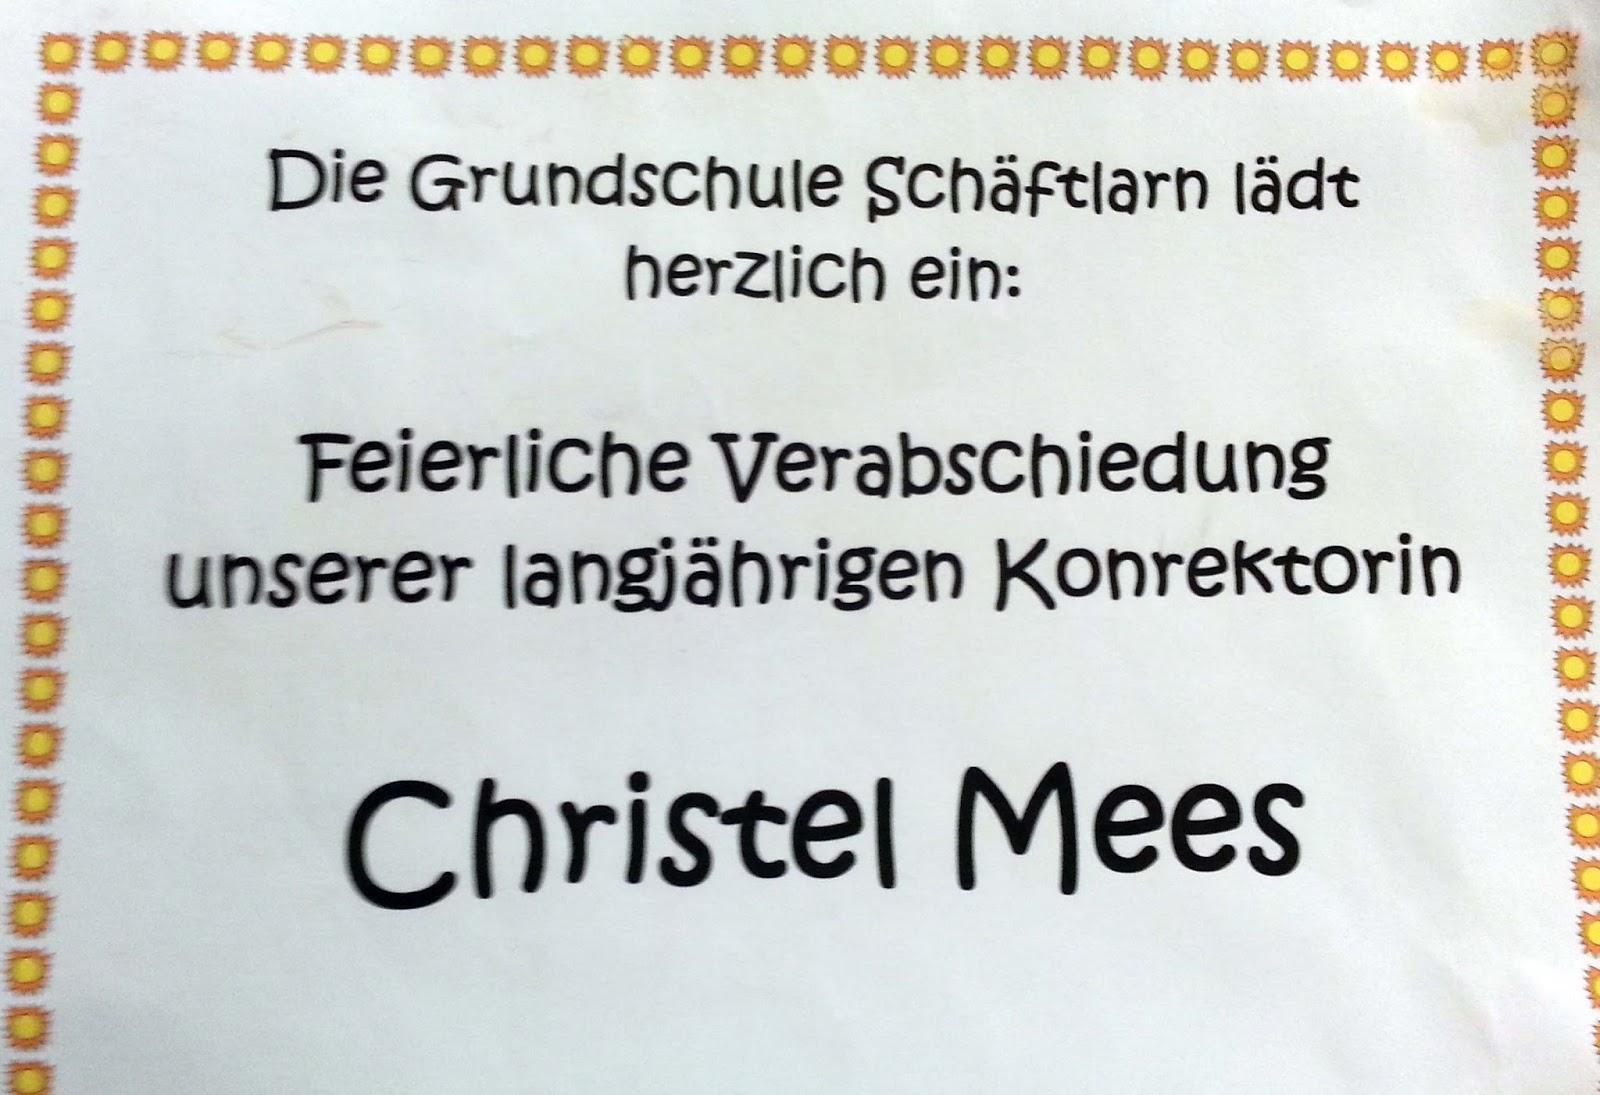 Bürgermeister Ruhdorfer Schäftlarn: Verabschiedung von Frau Mees